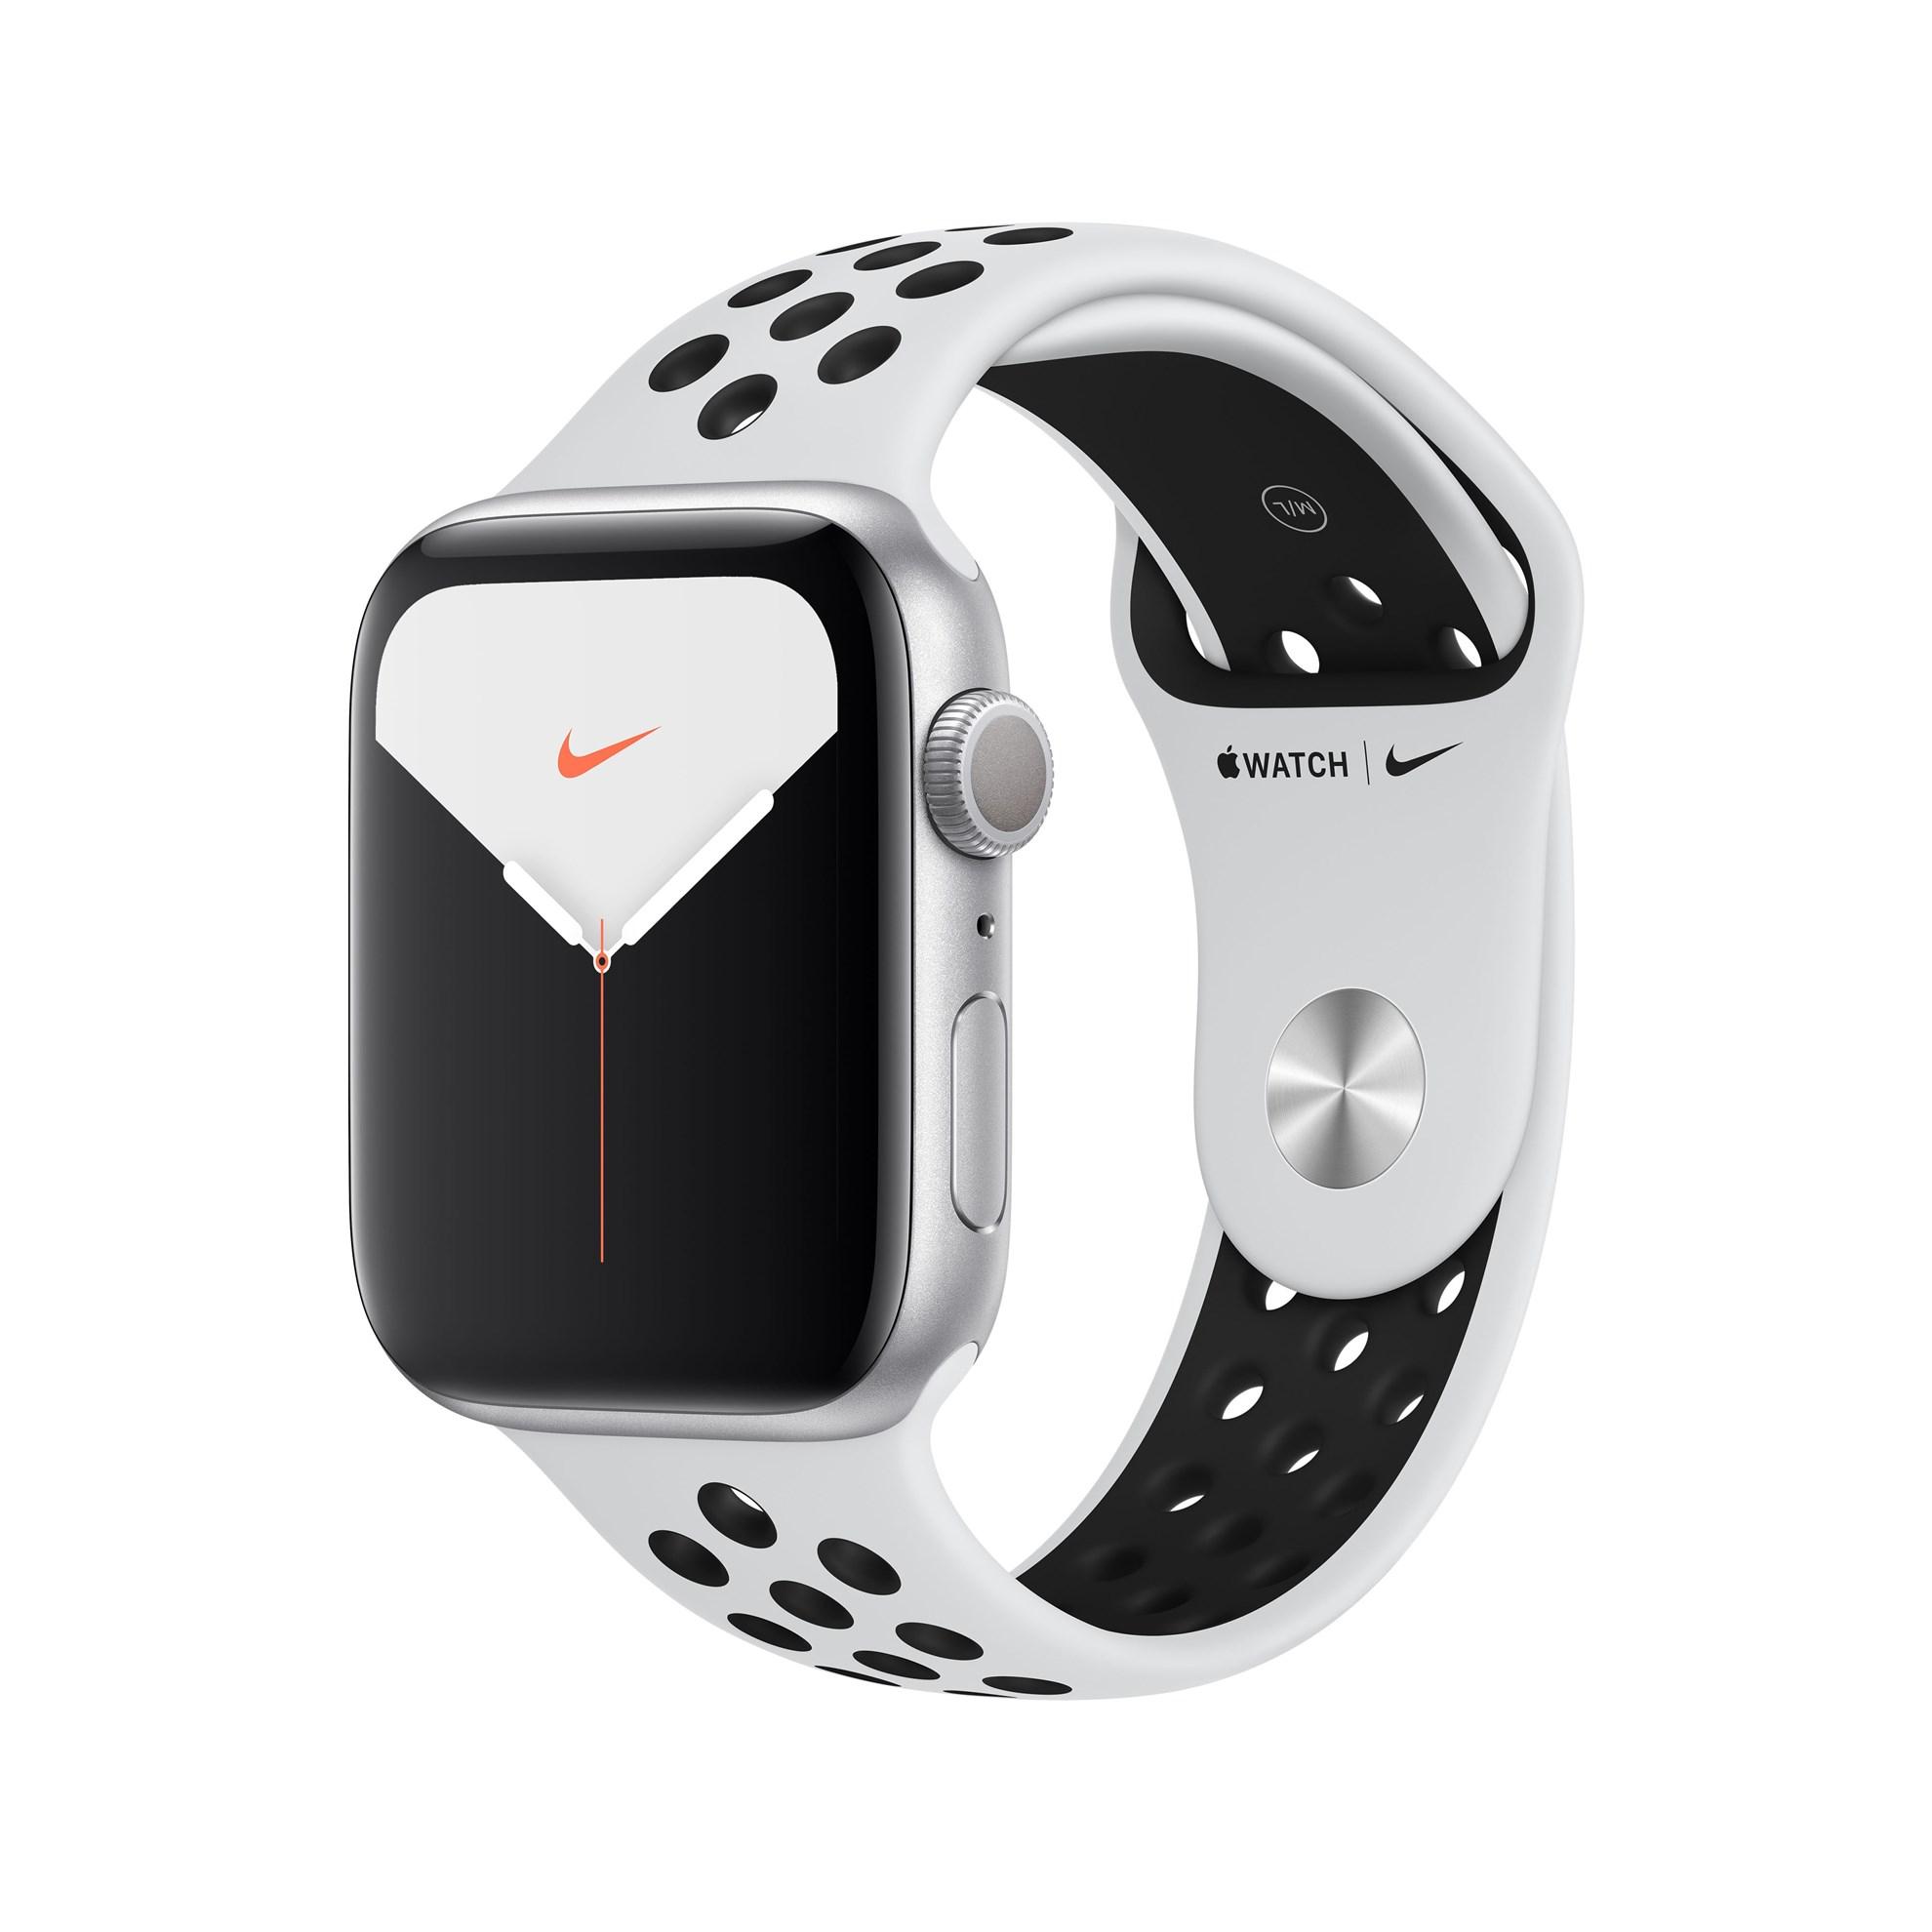 регулятор освободил apple уплаты ввозной пошлины watch